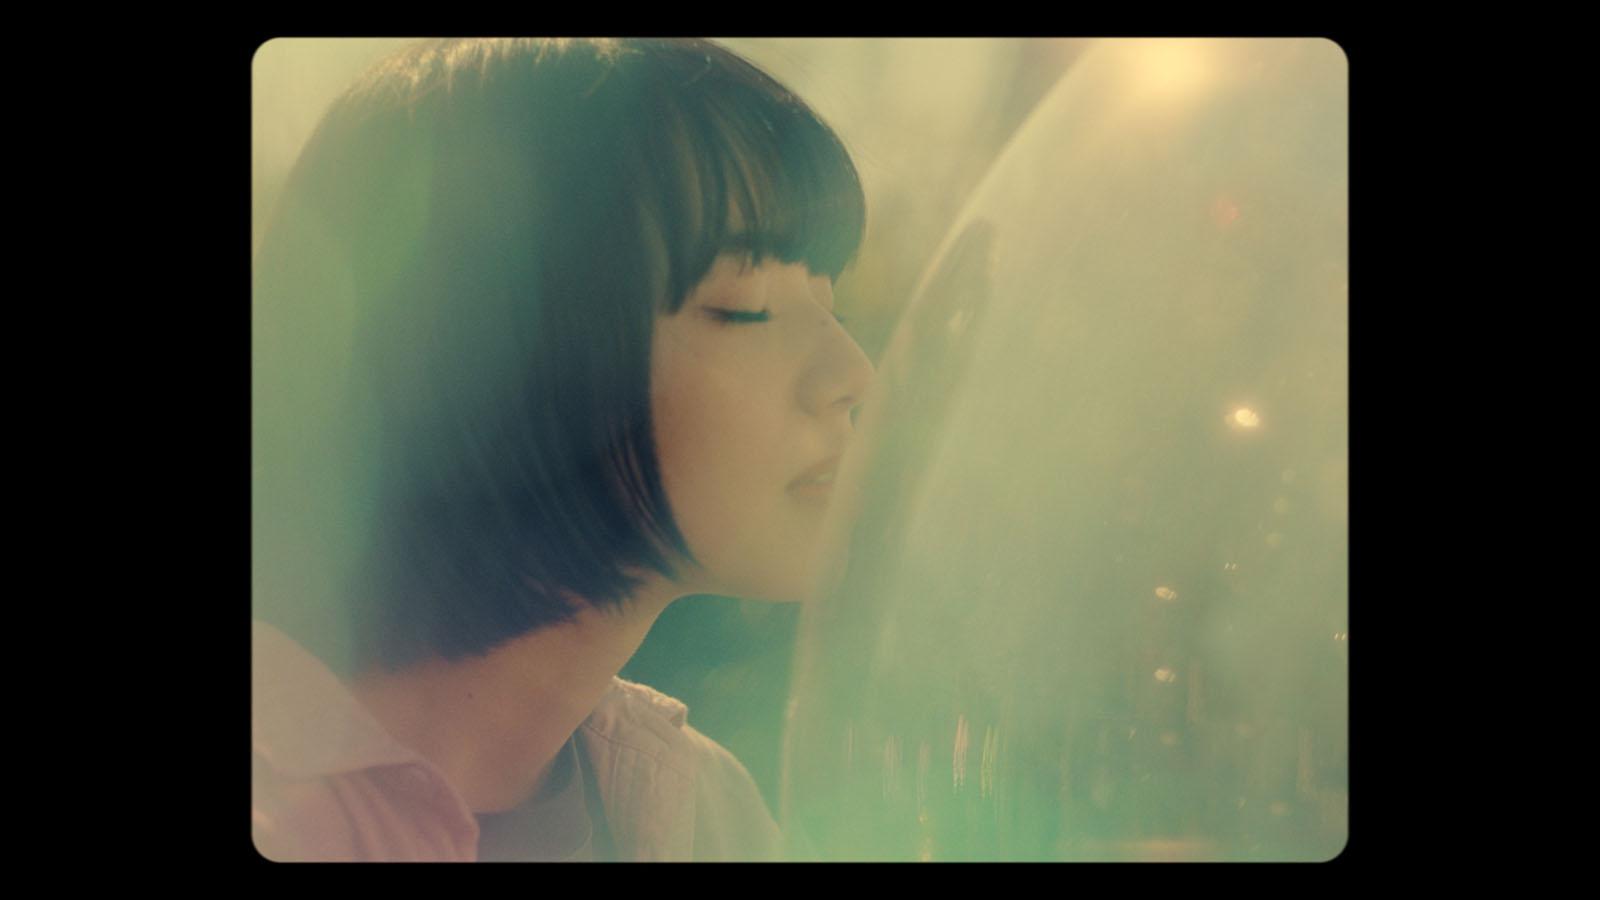 小松菜奈/動画「あ、ハル」より(提供写真)